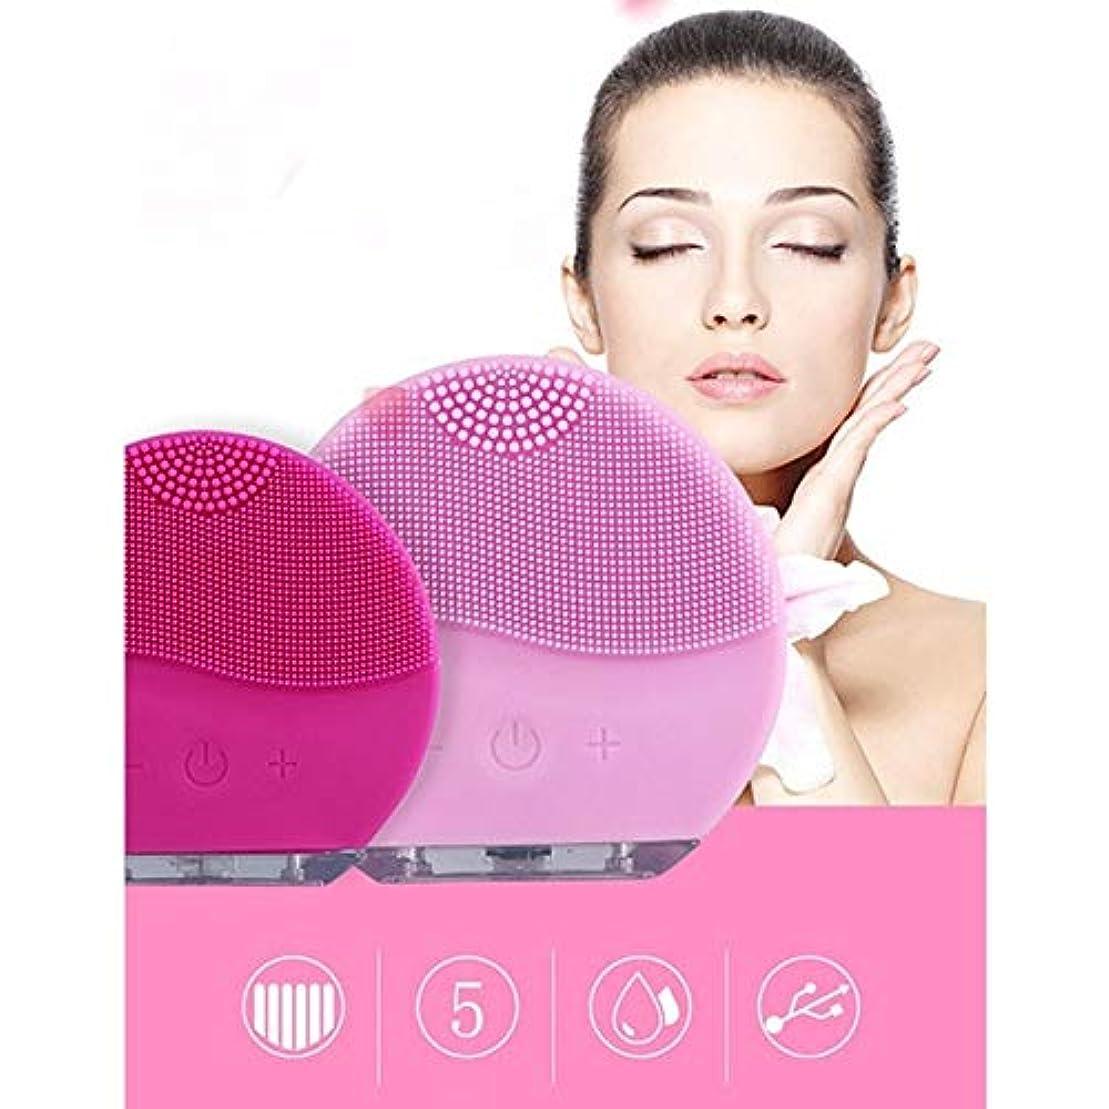 恐怖症足音スペクトラム顔のクリーニングブラシの防水ケイ素の電気Masagerの清潔になるシステム (Color : Rose red)